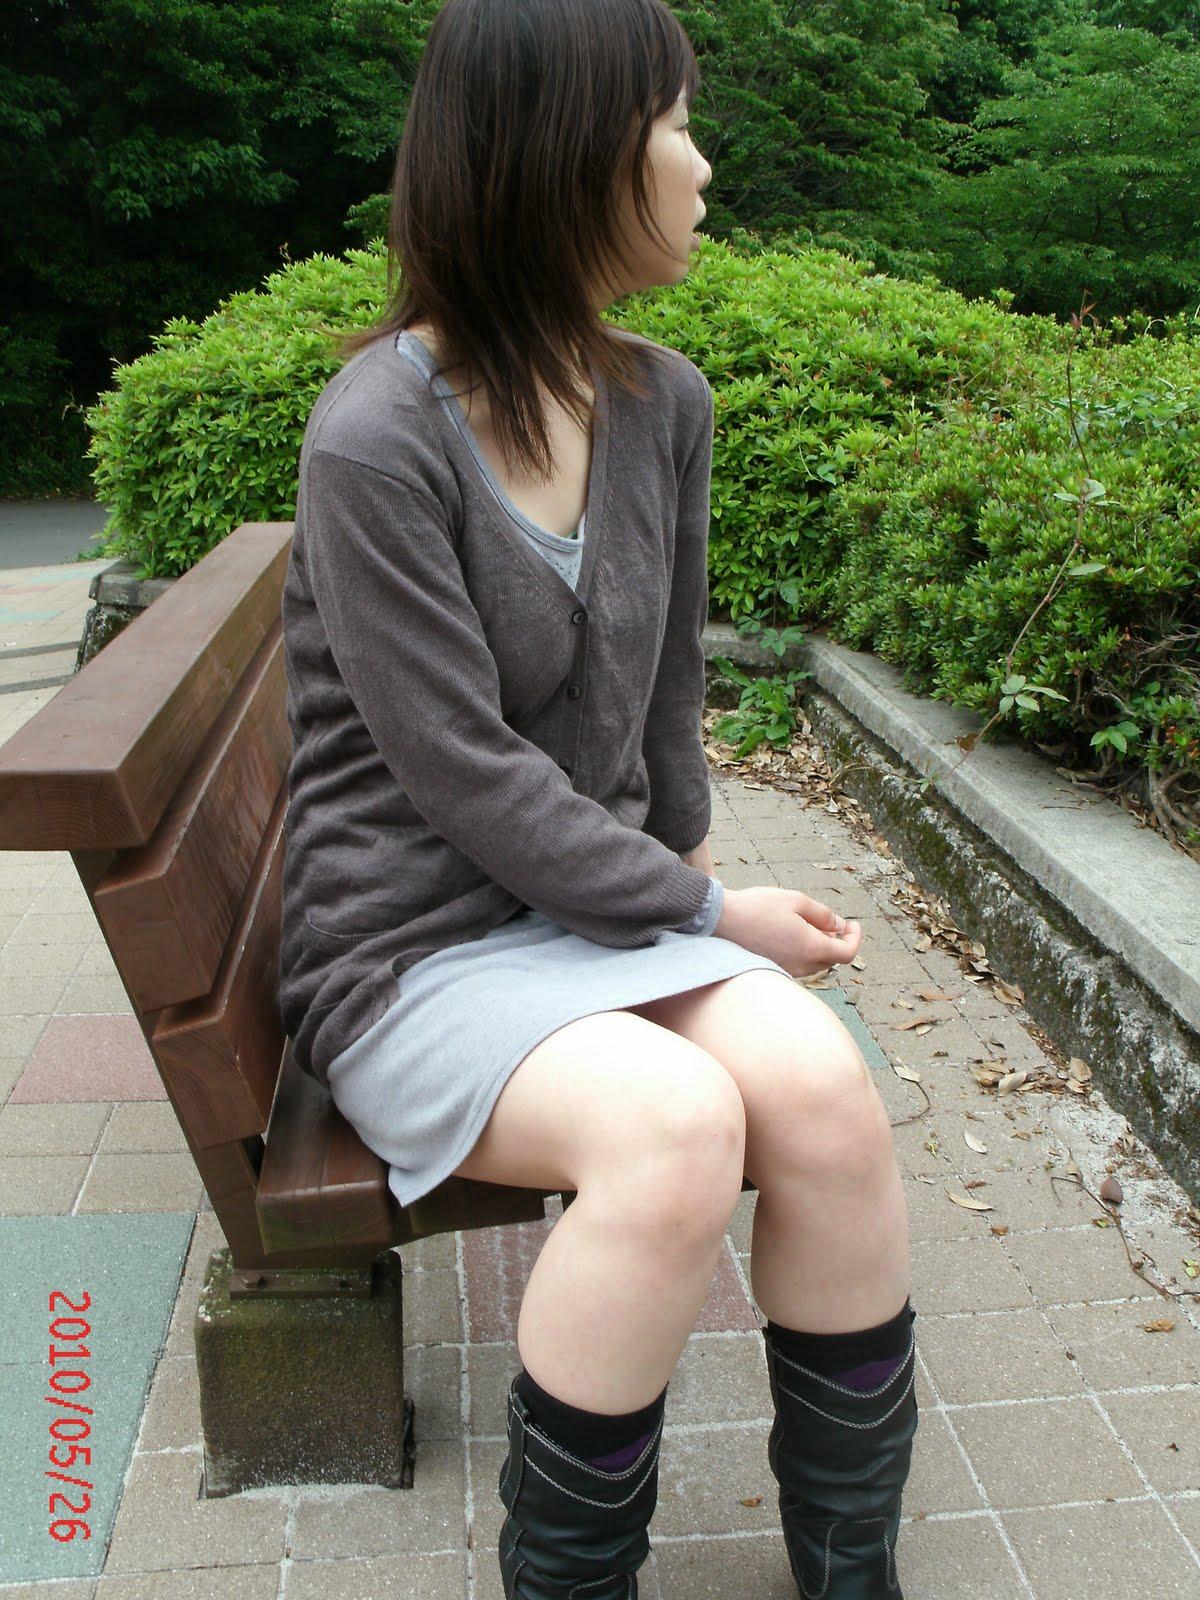 Girlfriend japan outdoor 1 9